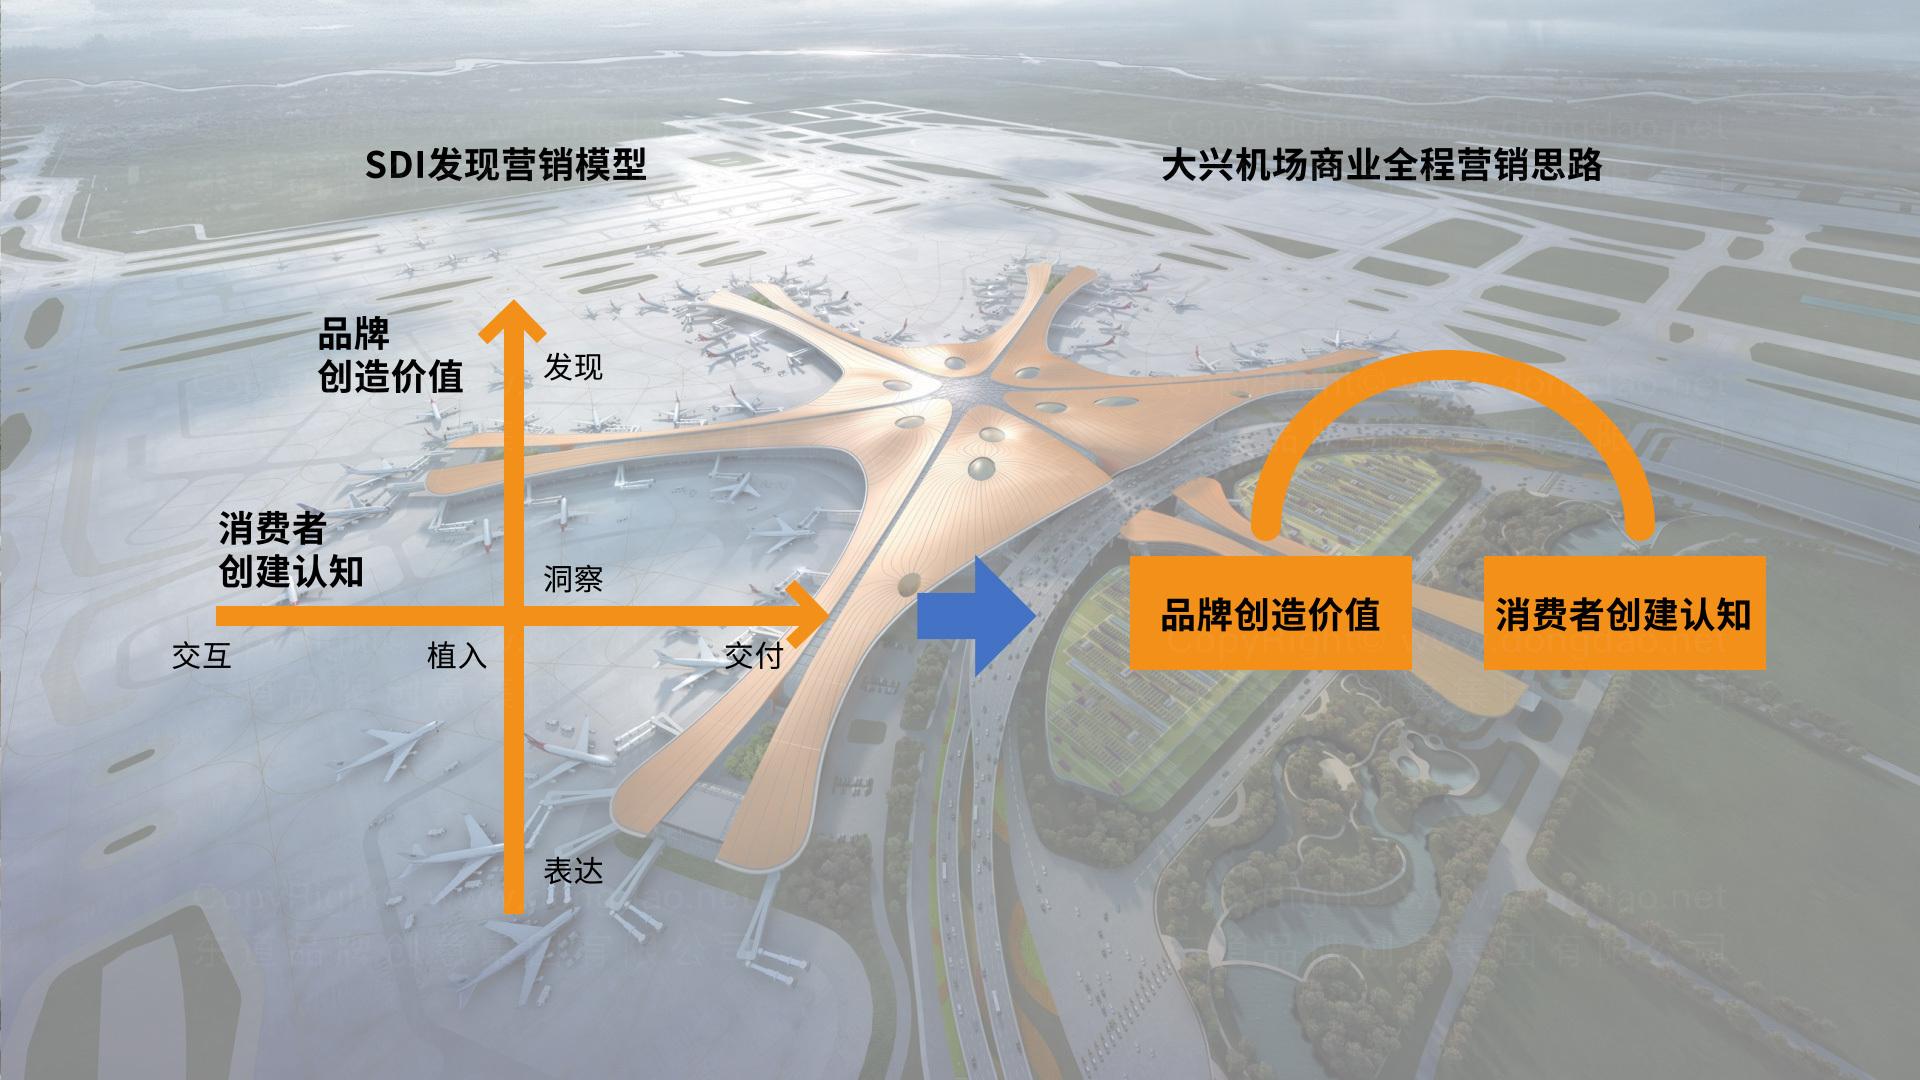 公关传播大兴机场品牌战略+传播推广应用场景_4